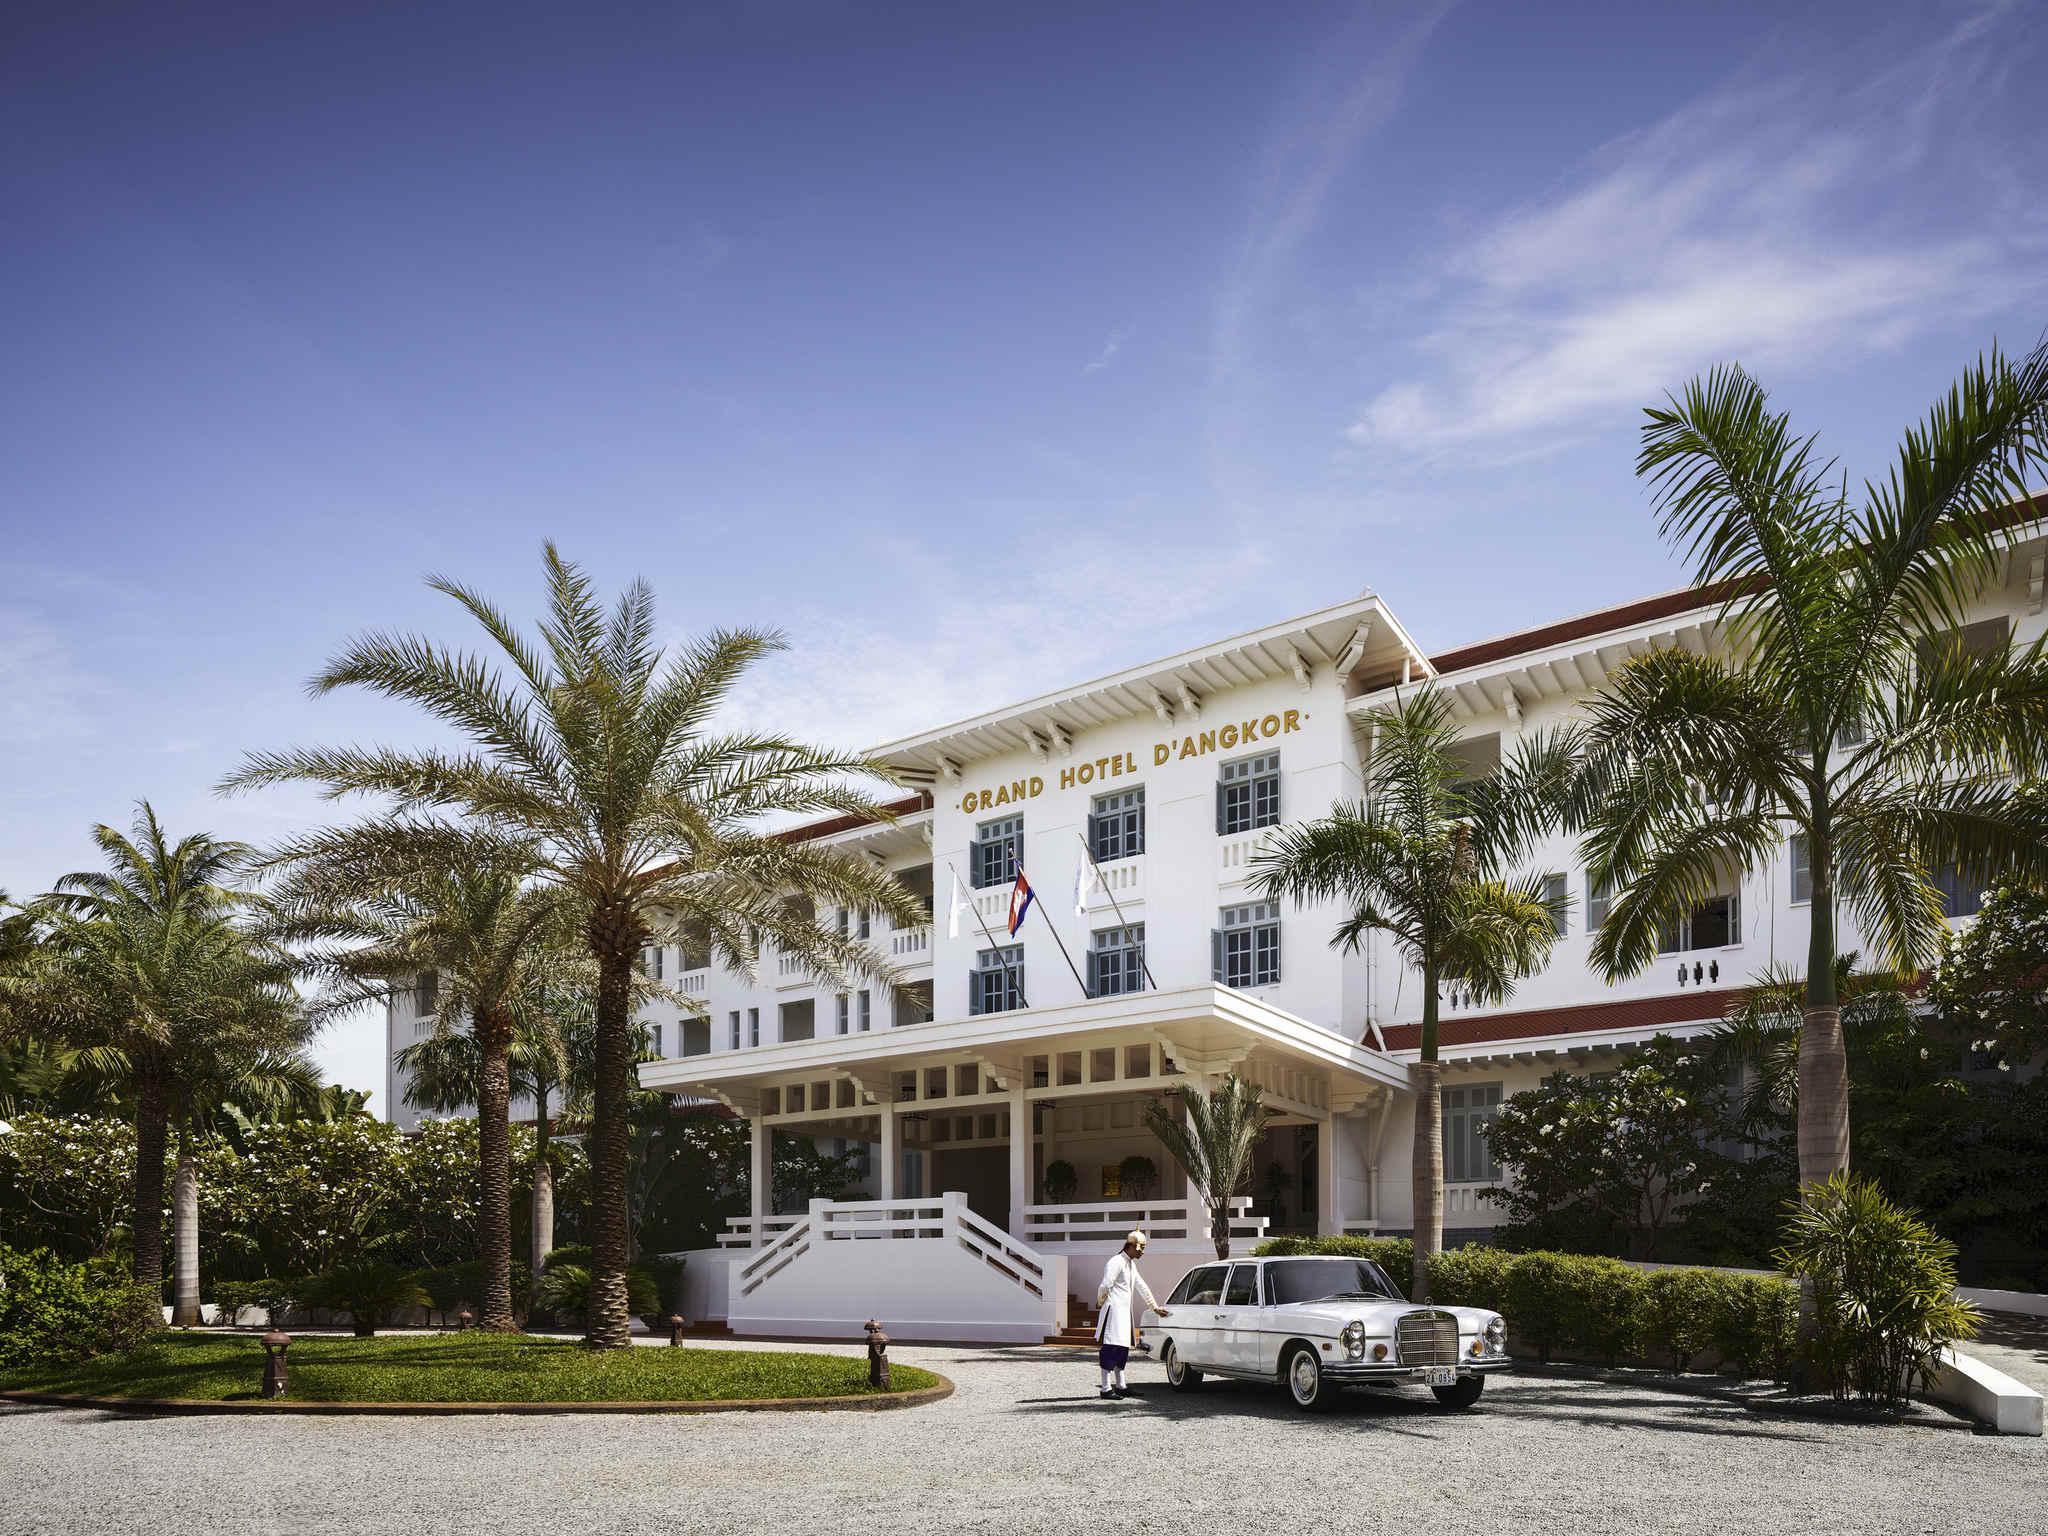 Hotel - Raffles Grand Hotel d'Angkor